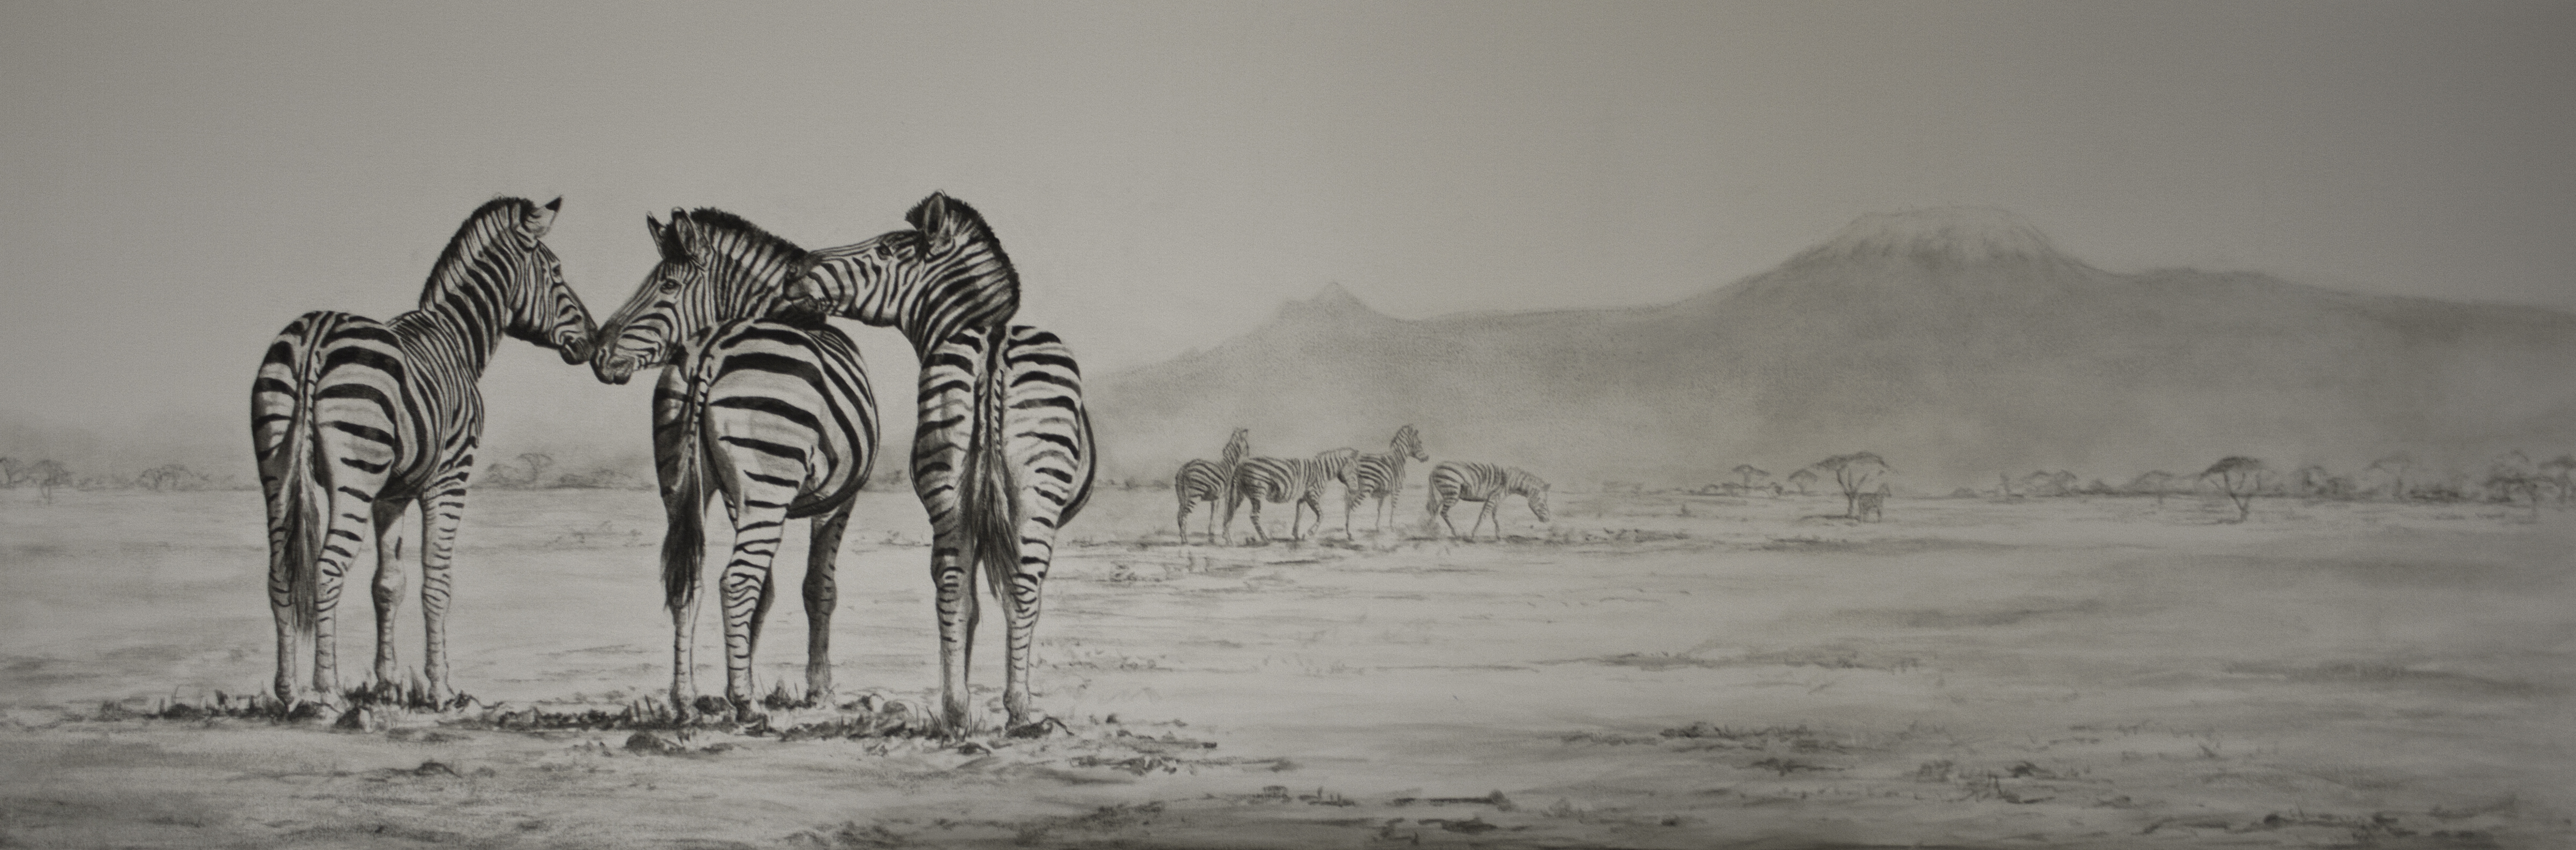 Zebras on the plain